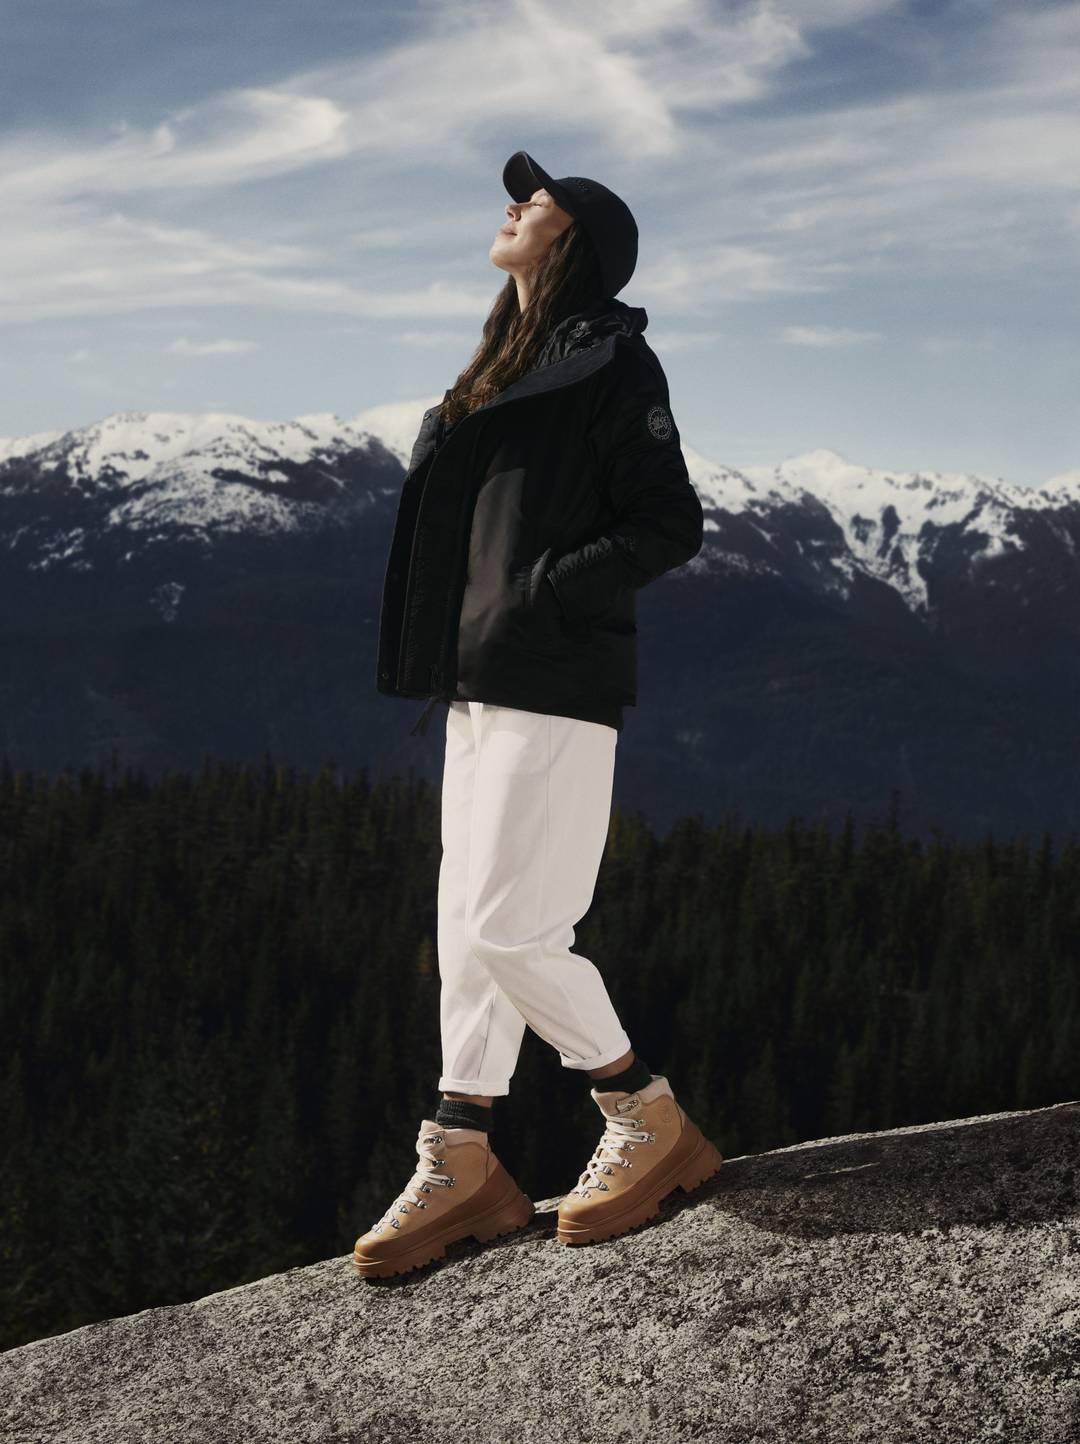 Image: Canada Goose, Sarain Fox